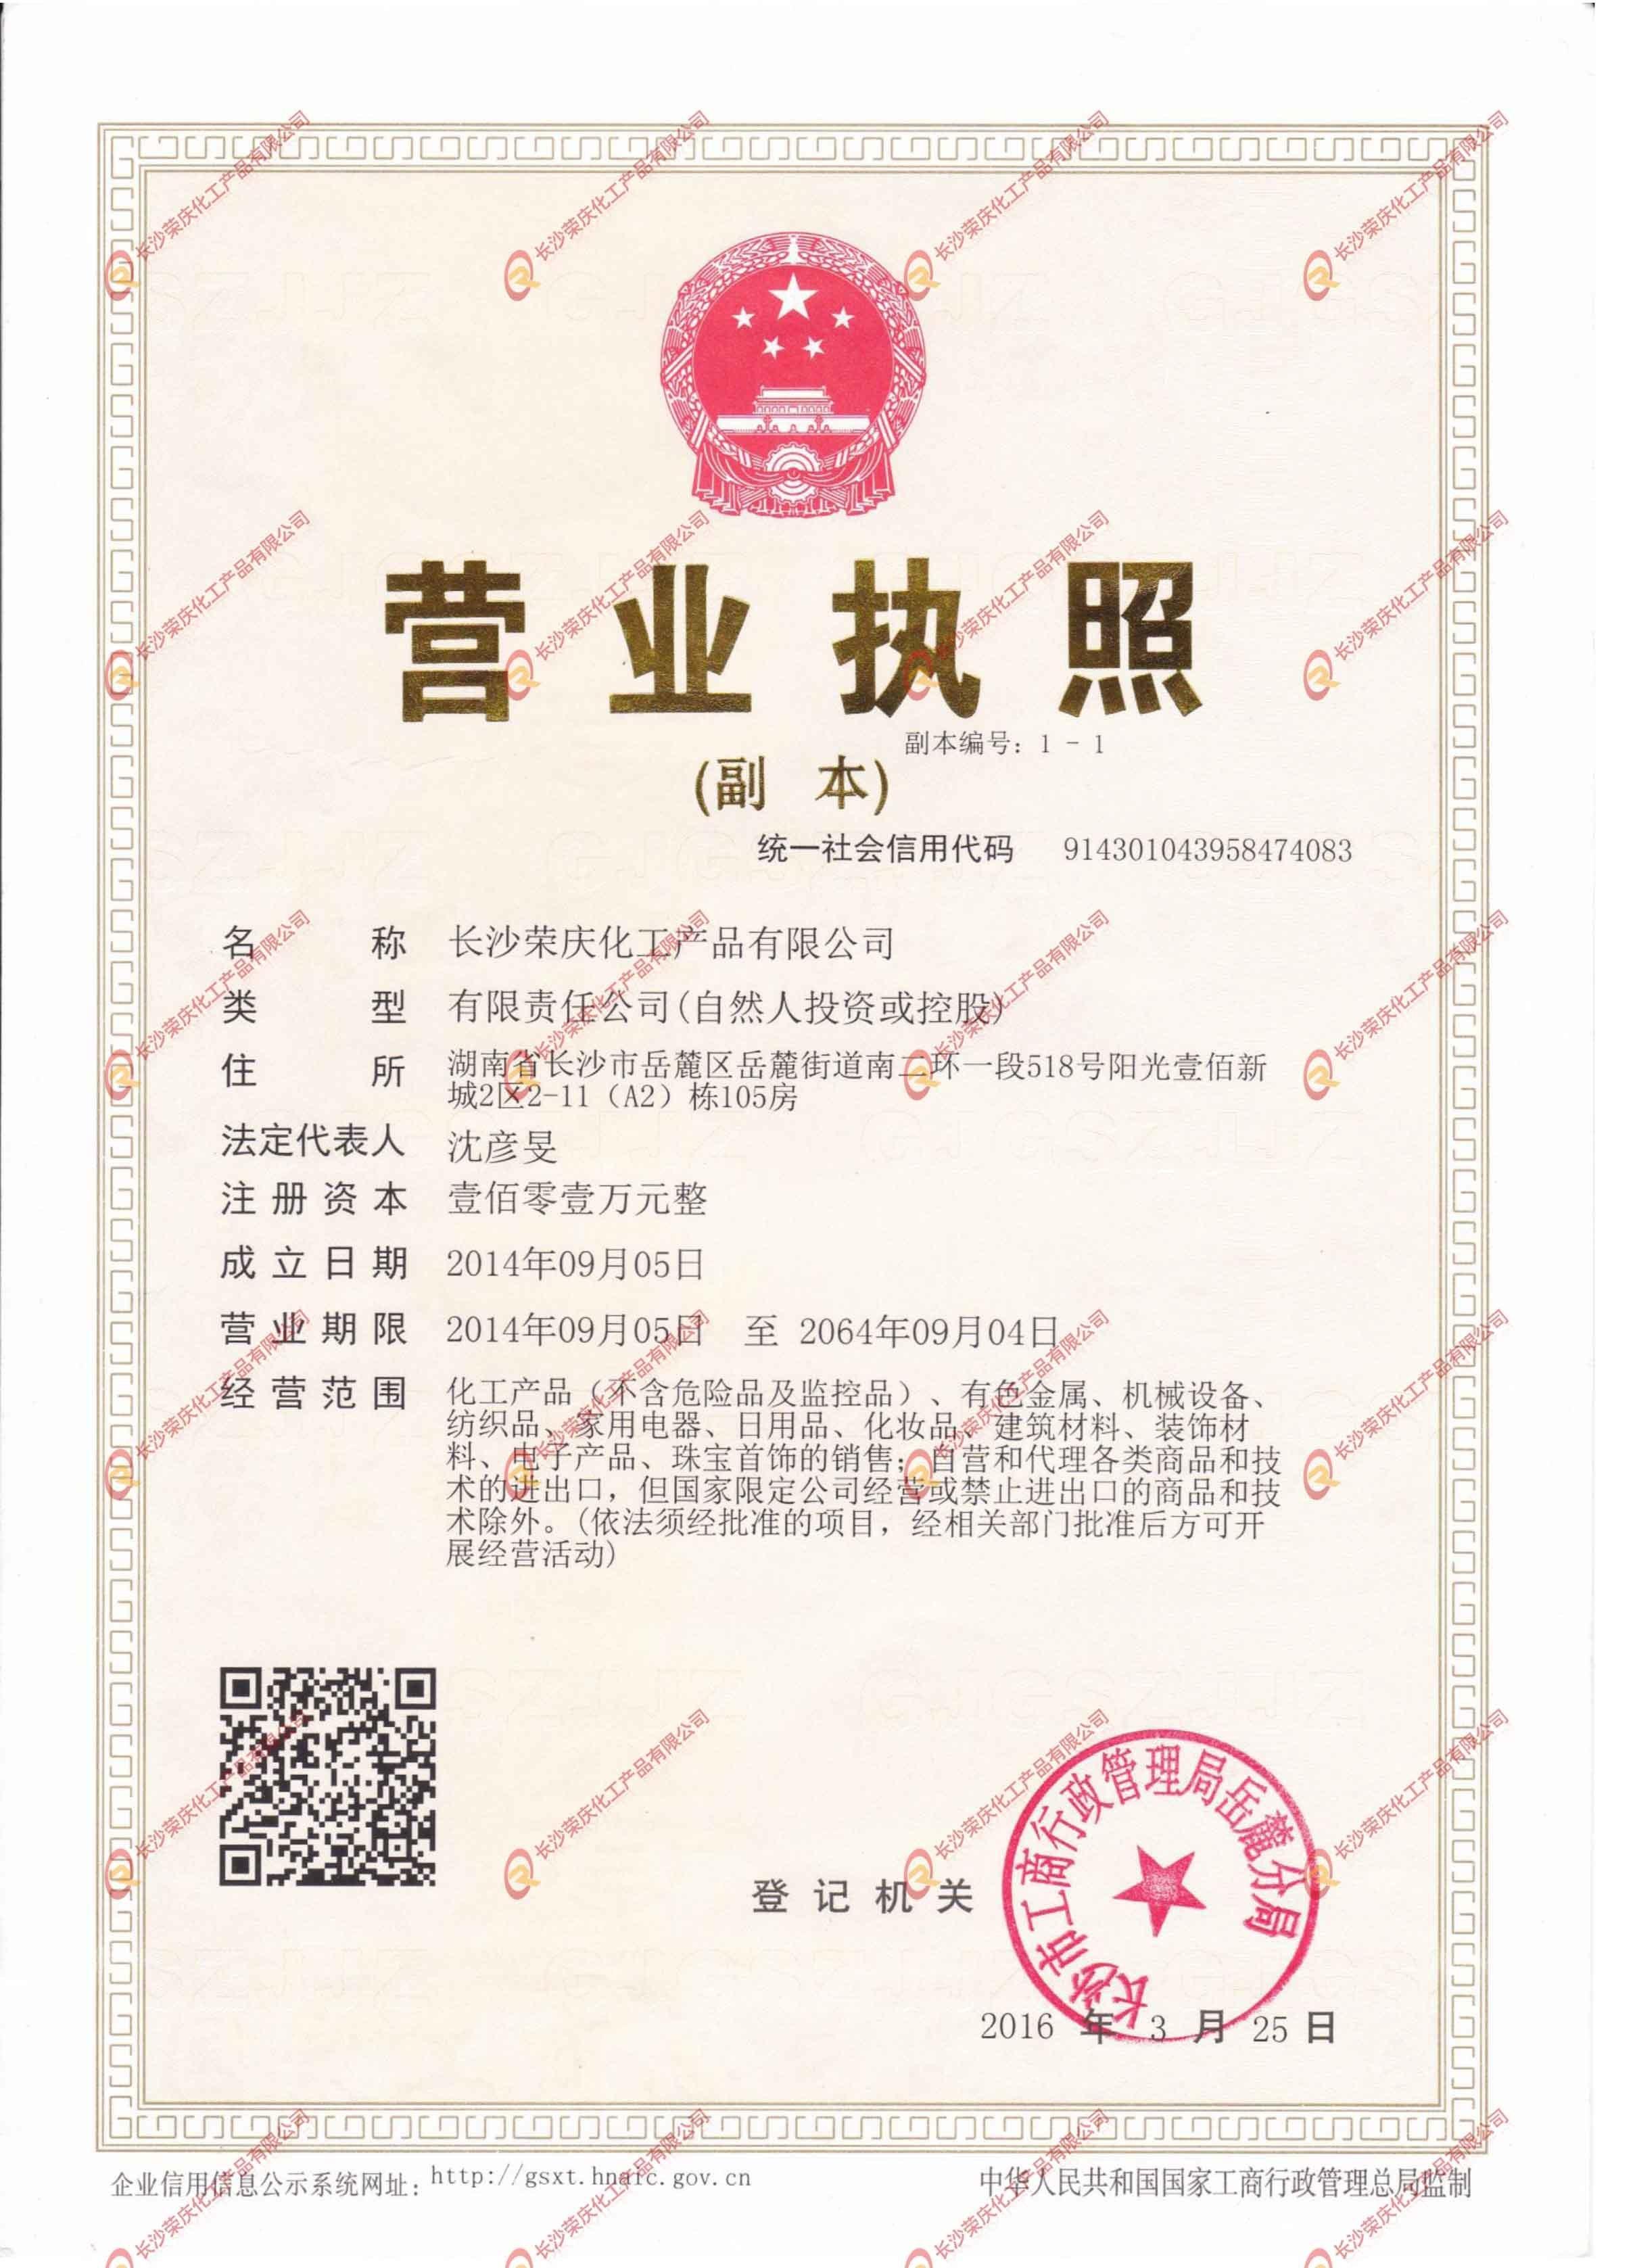 长沙荣庆化工新营业执照